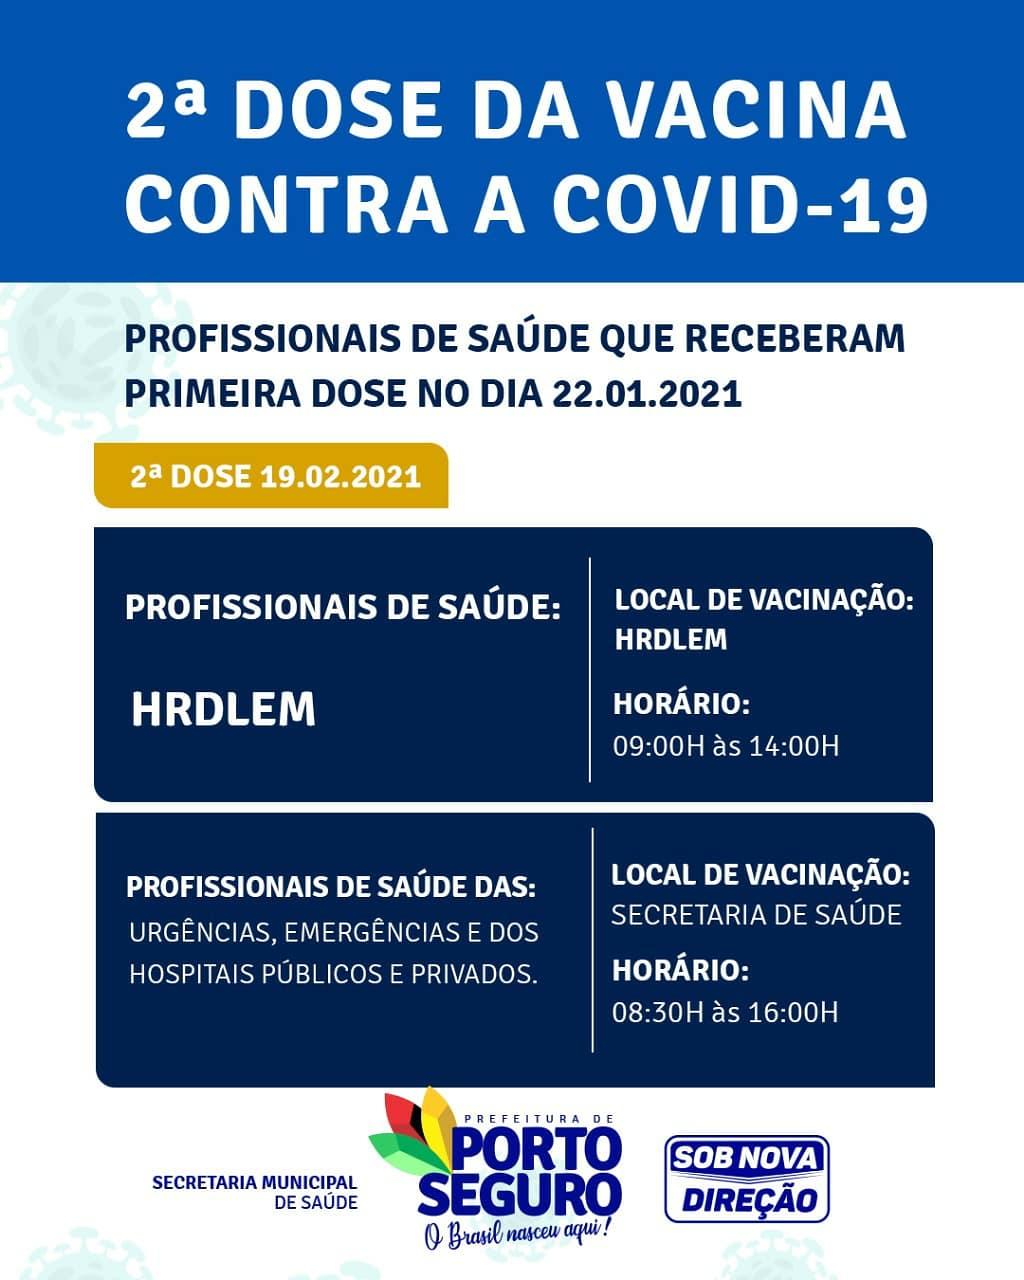 A prefeitura de Porto Seguro, por meio da Secretaria Municipal de Saúde informa que a 2ª dose da vacina contra a COVID-19 já está disponível para os Profissionais de Saúde que receberam a 1ª dose da vacina 26